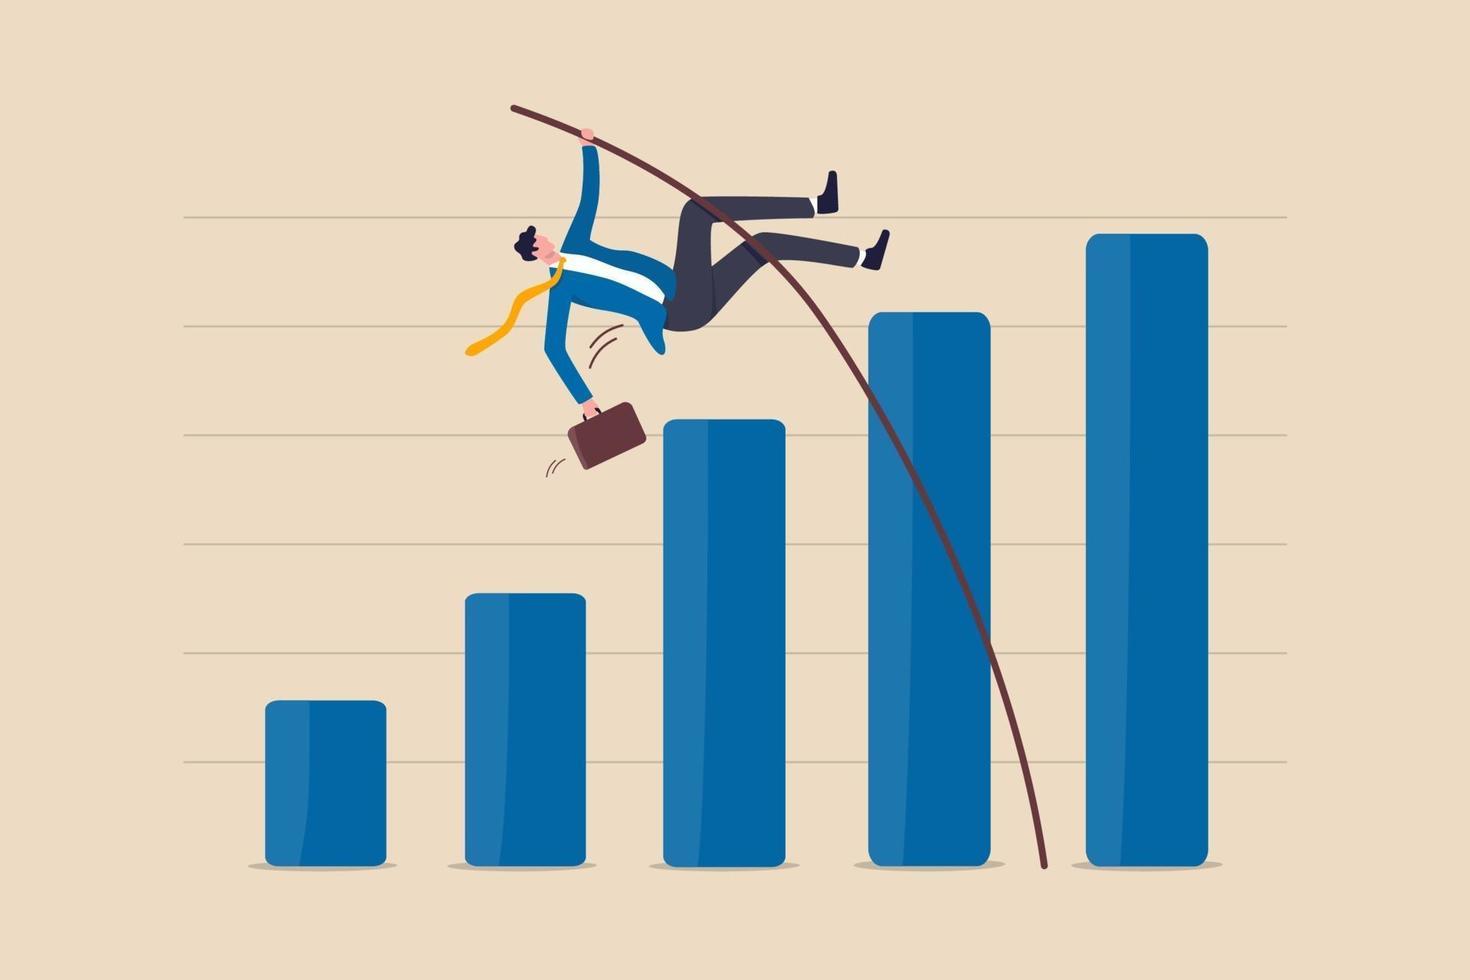 Croissance de l'entreprise, amélioration ou augmentation en pourcentage élevé des gains et des bénéfices, réalisation financière après le concept de reprise économique vecteur